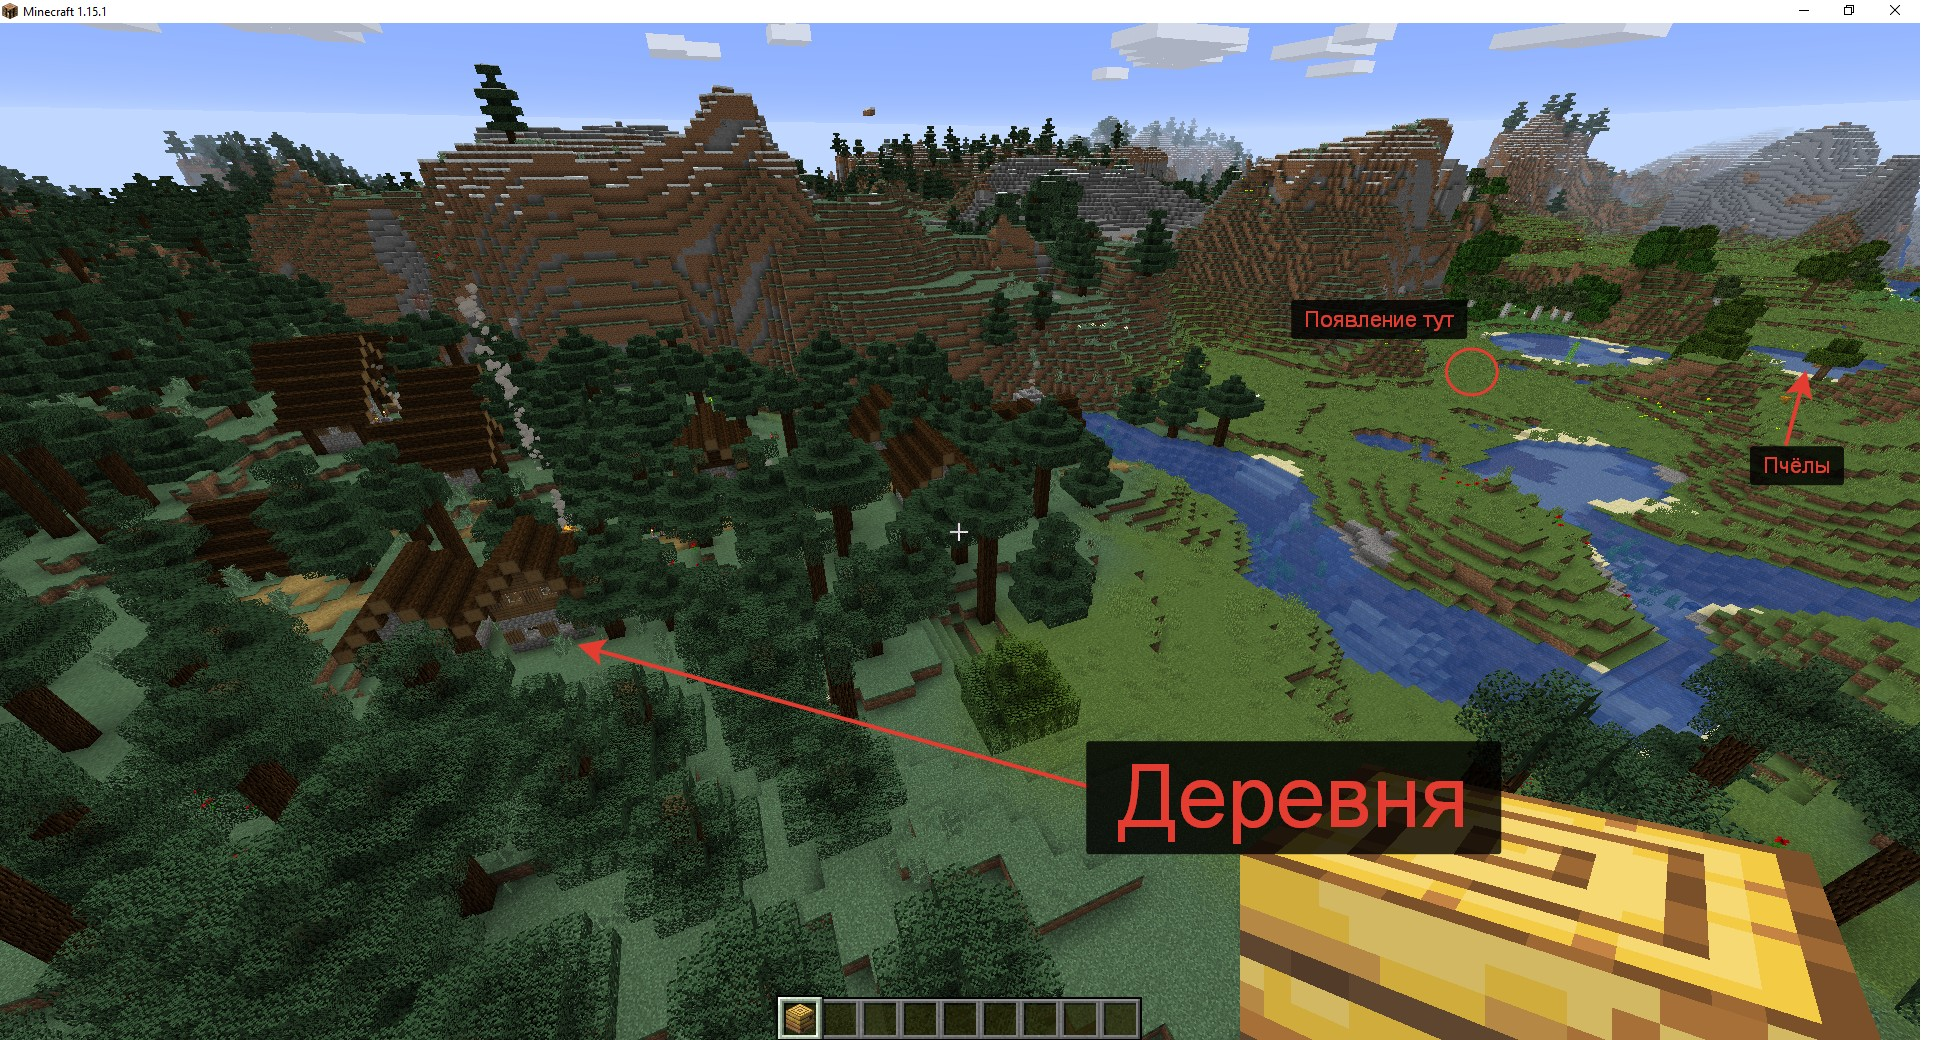 Сид «Деревня спчёлами иульем» - скриншот 2